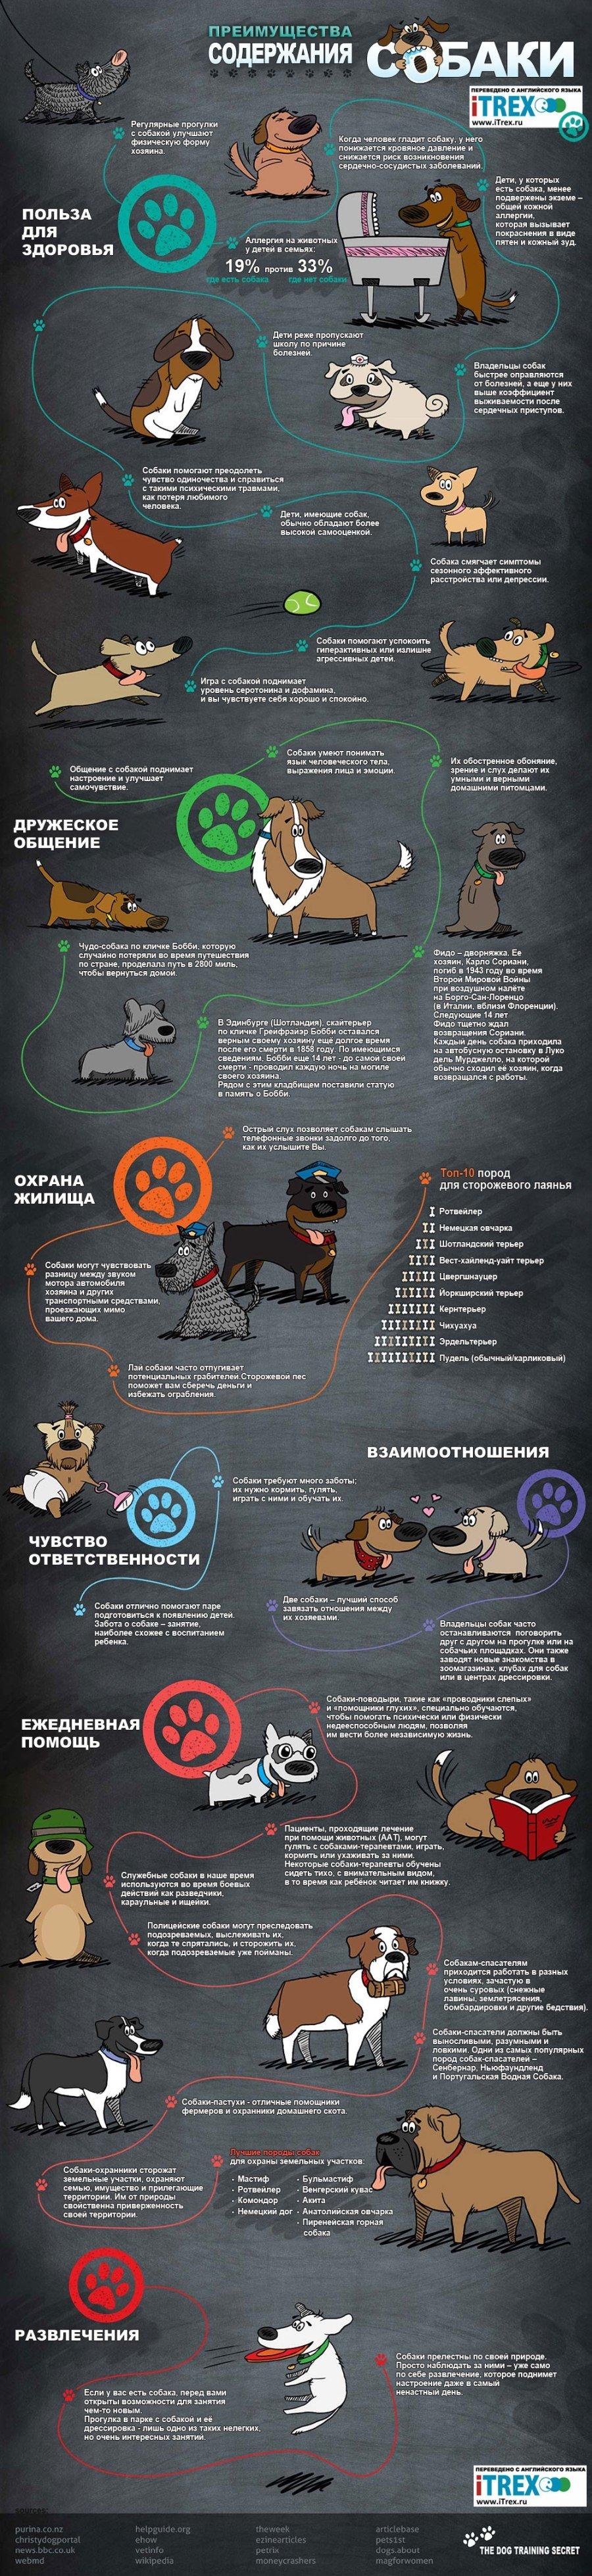 Бюро переводов iTrex. Инфографика: преимущества содержания собаки